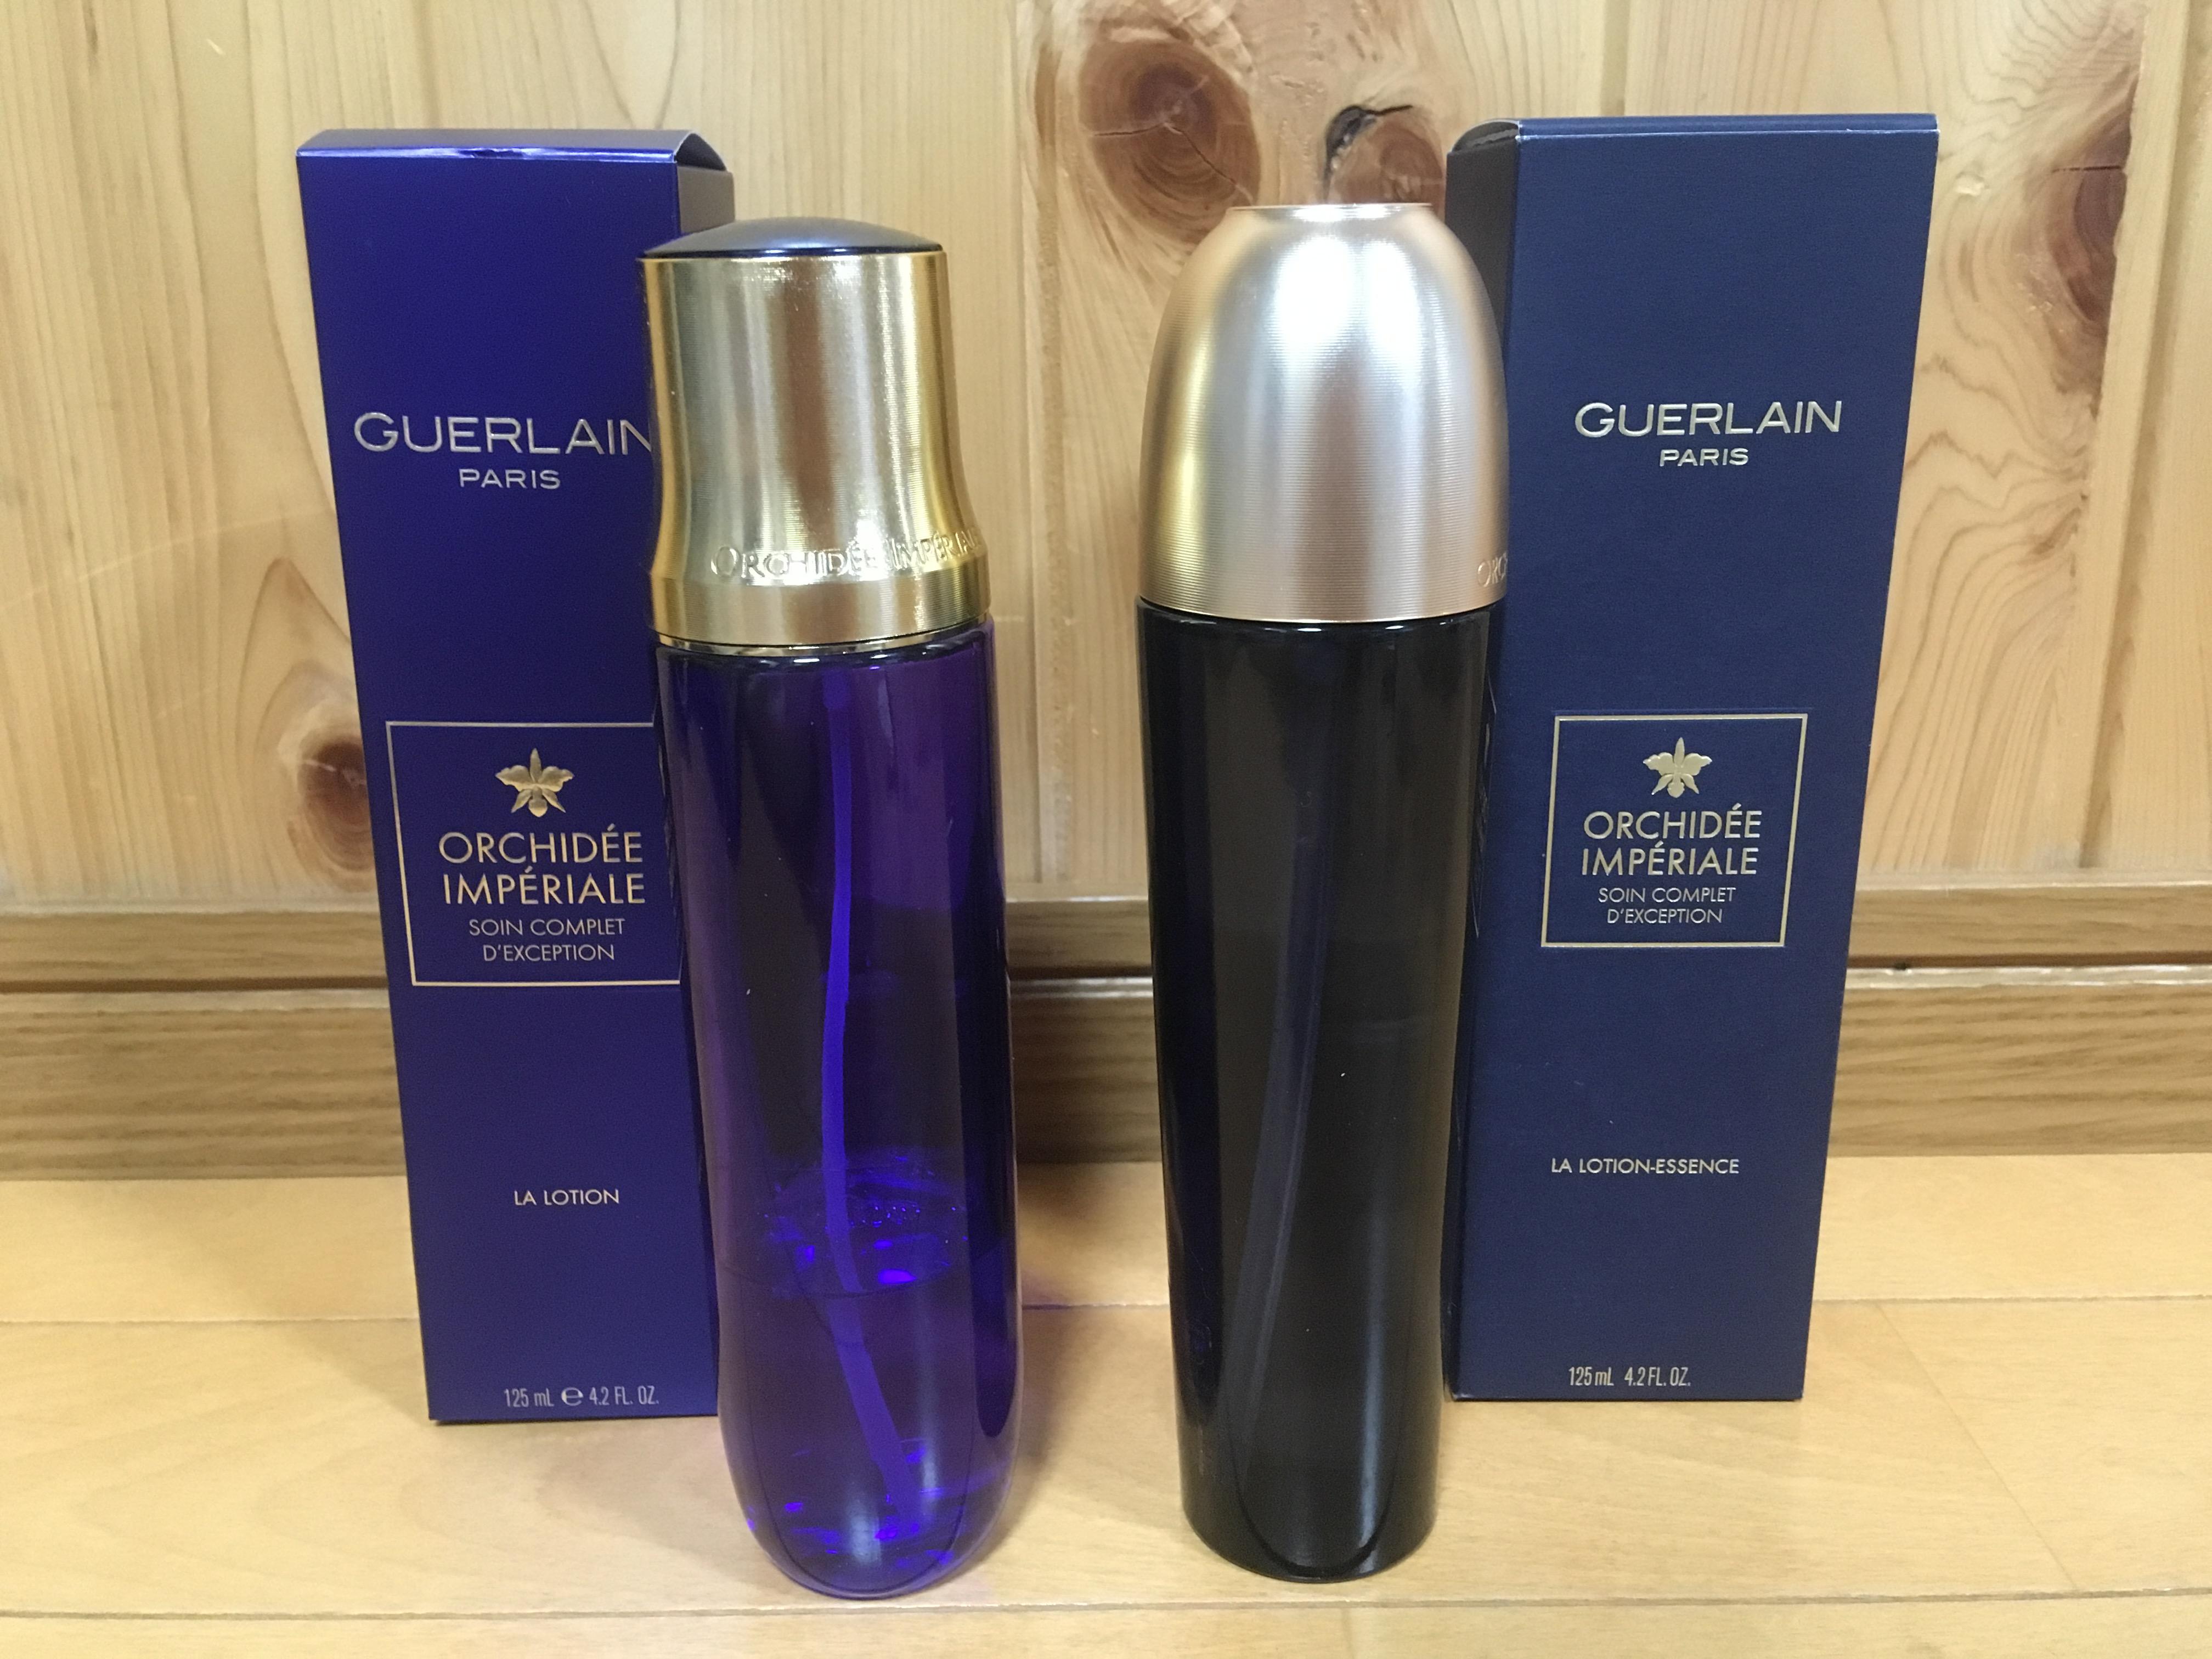 ゲラン GUERLAIN オーキデアンペリアル ローション 化粧水 リニューアル デザイン 変更 2019